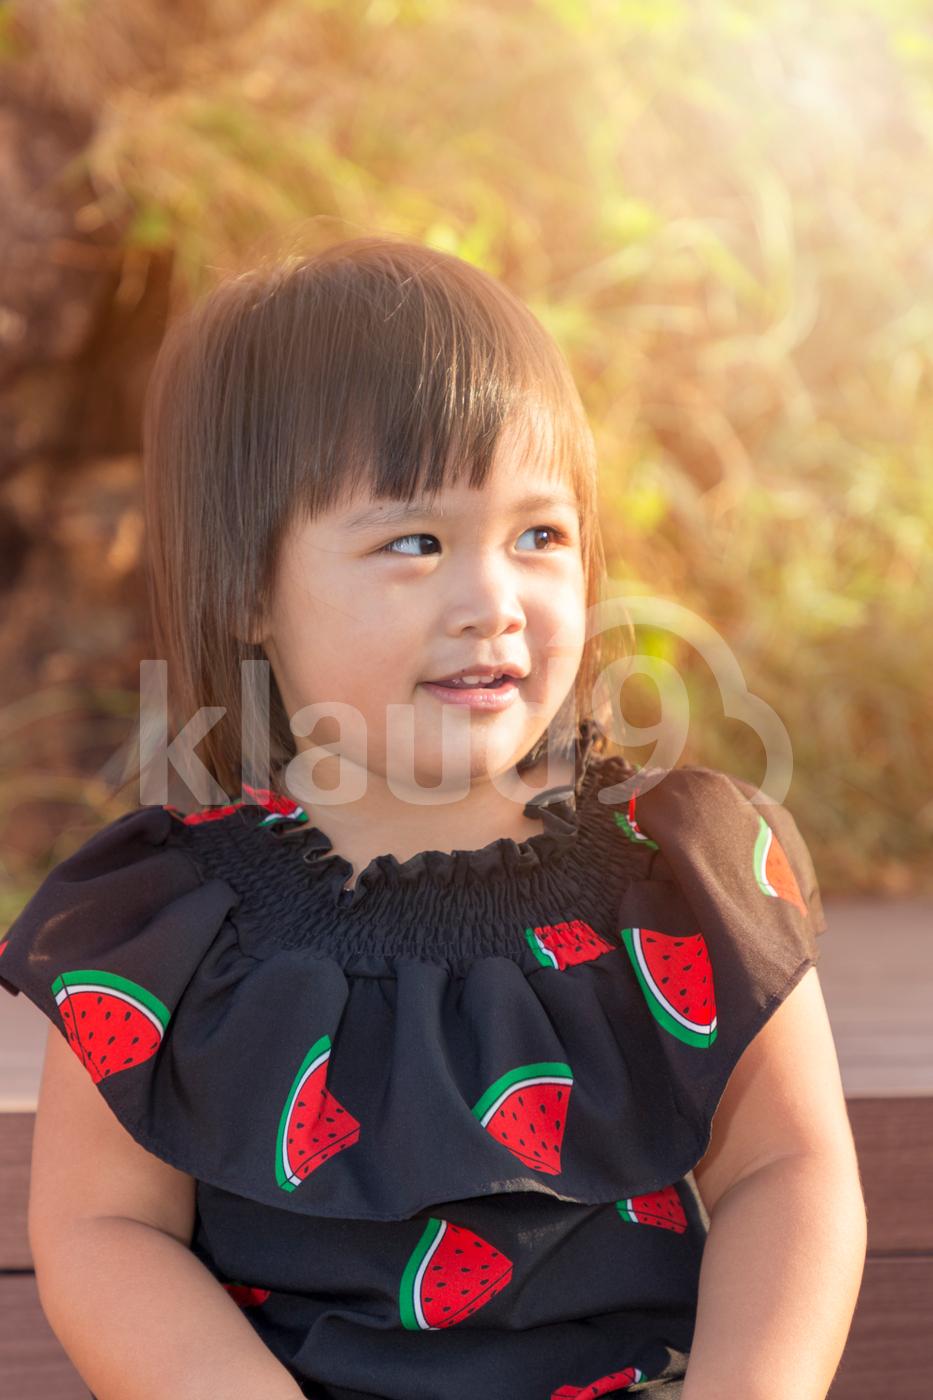 Happy little girl enjoying outdoors